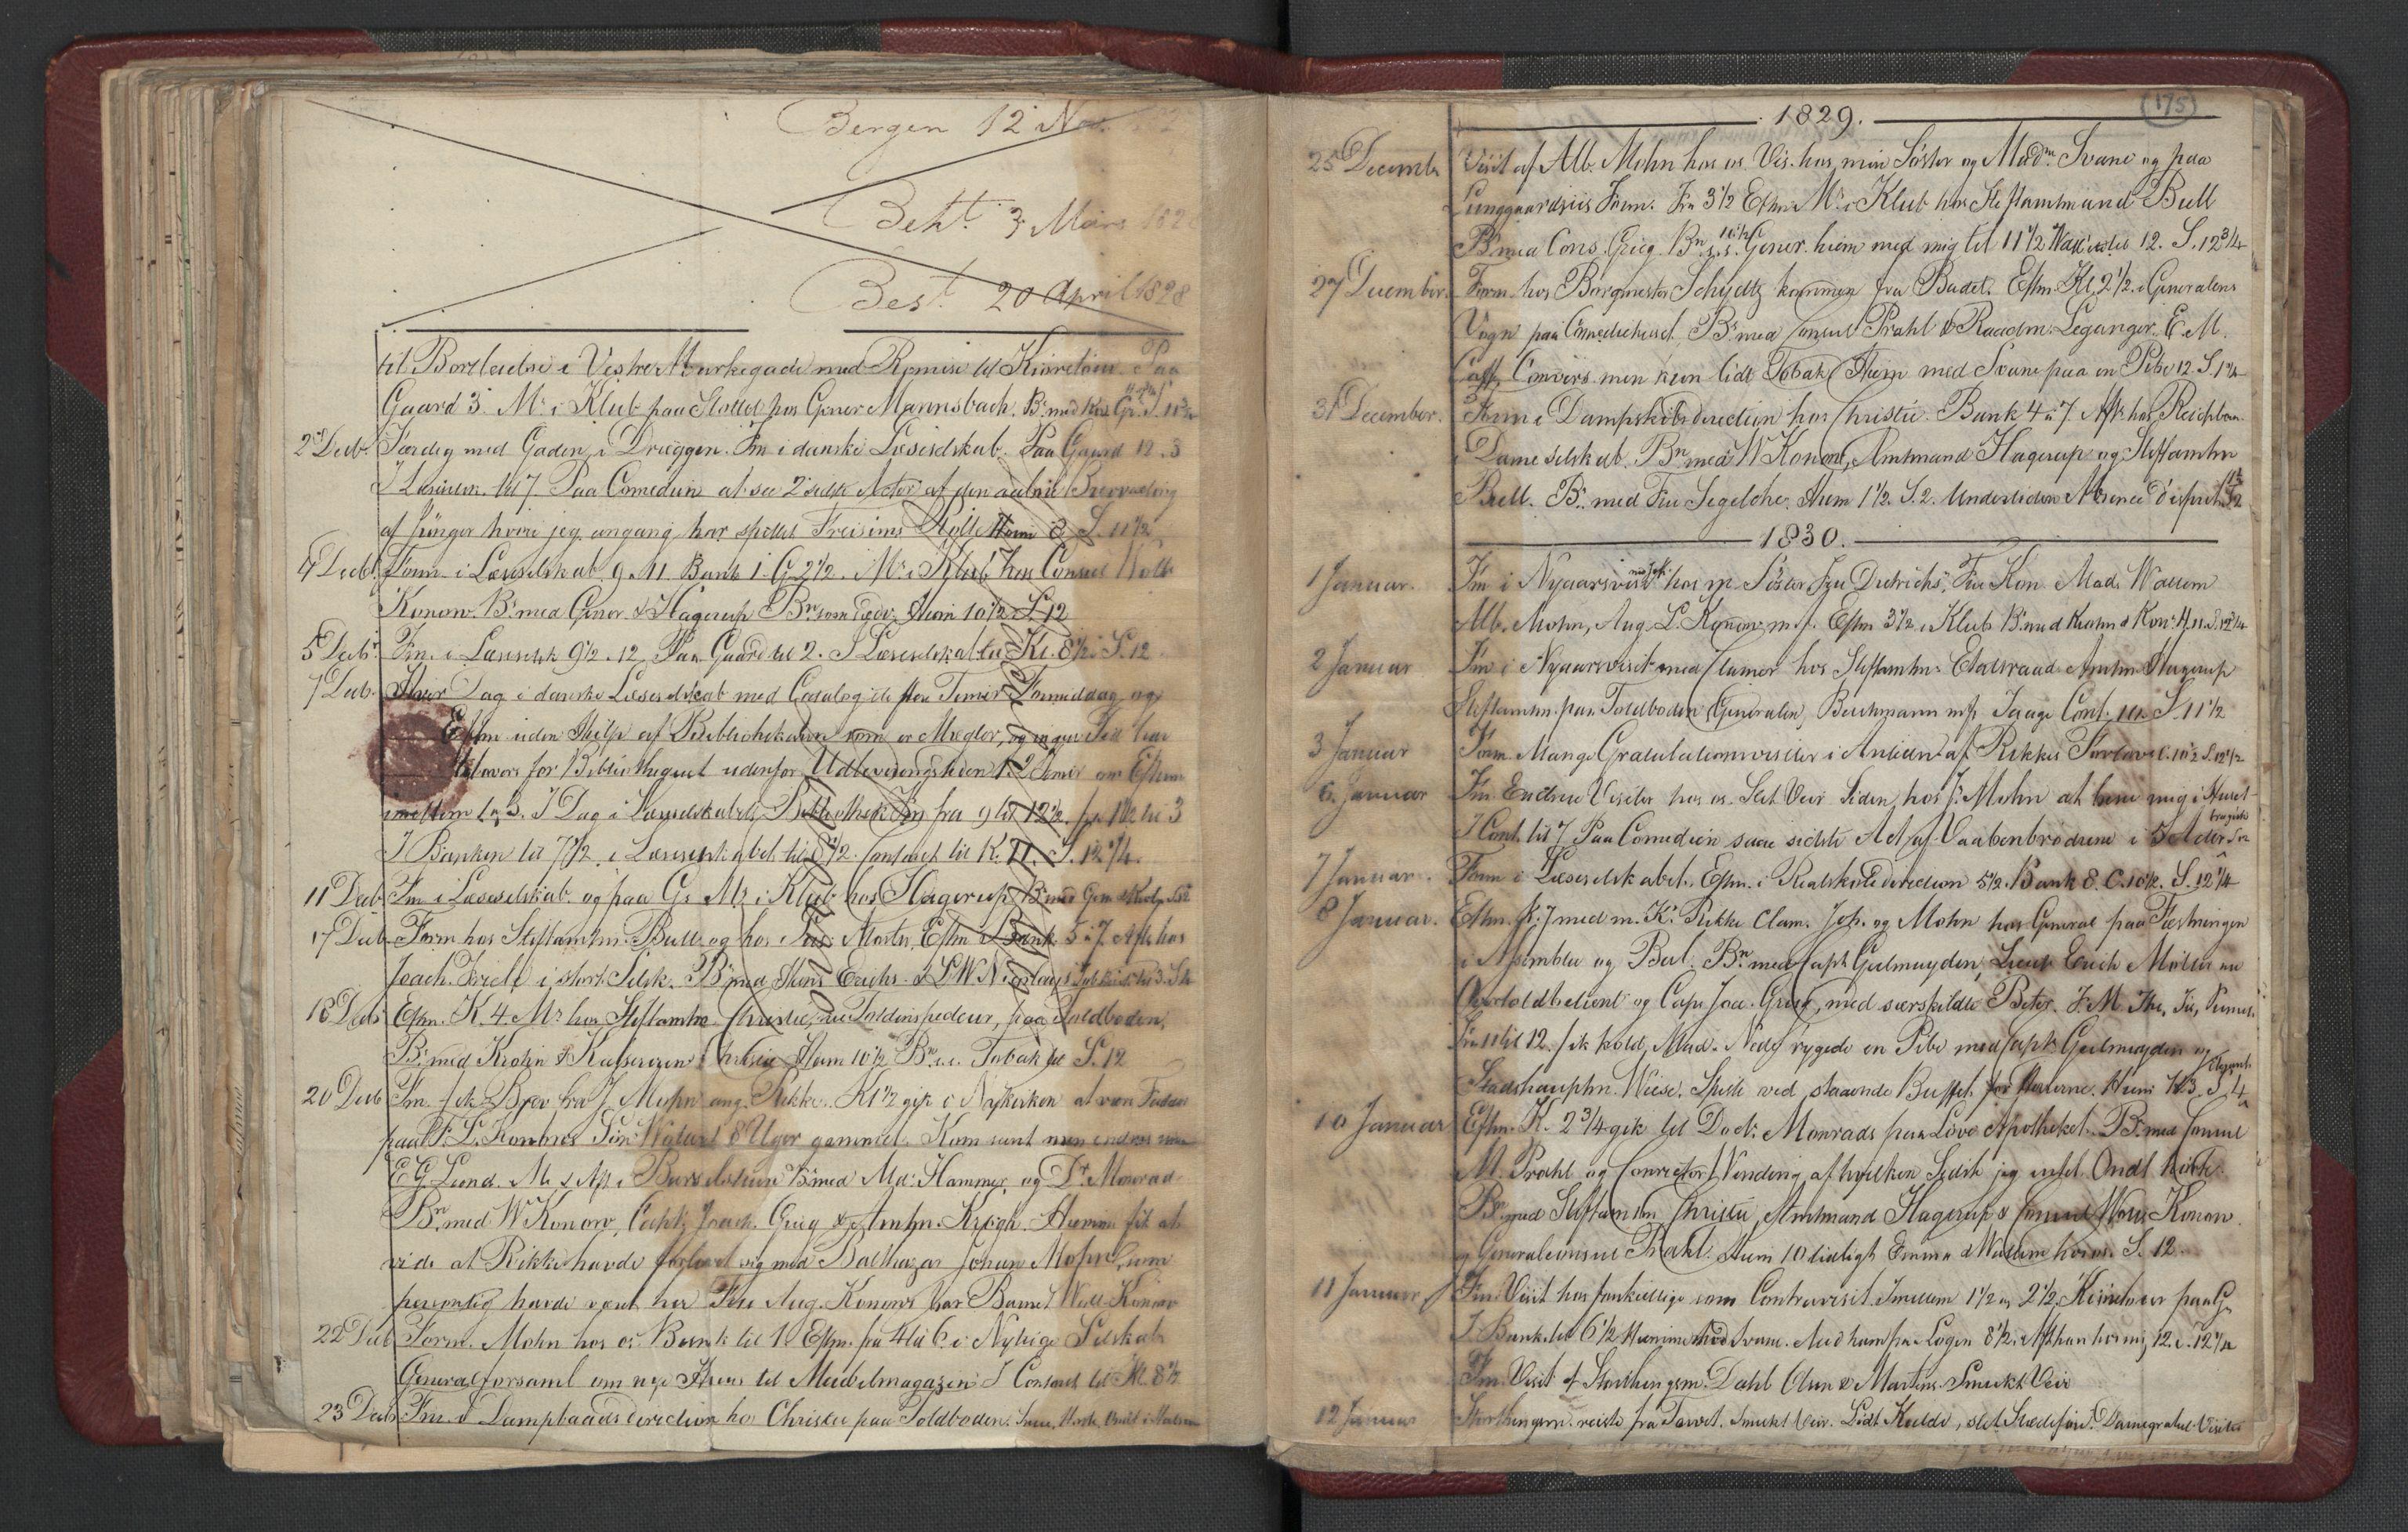 RA, Meltzer, Fredrik, F/L0003: Dagbok, 1821-1831, s. 174b-175a